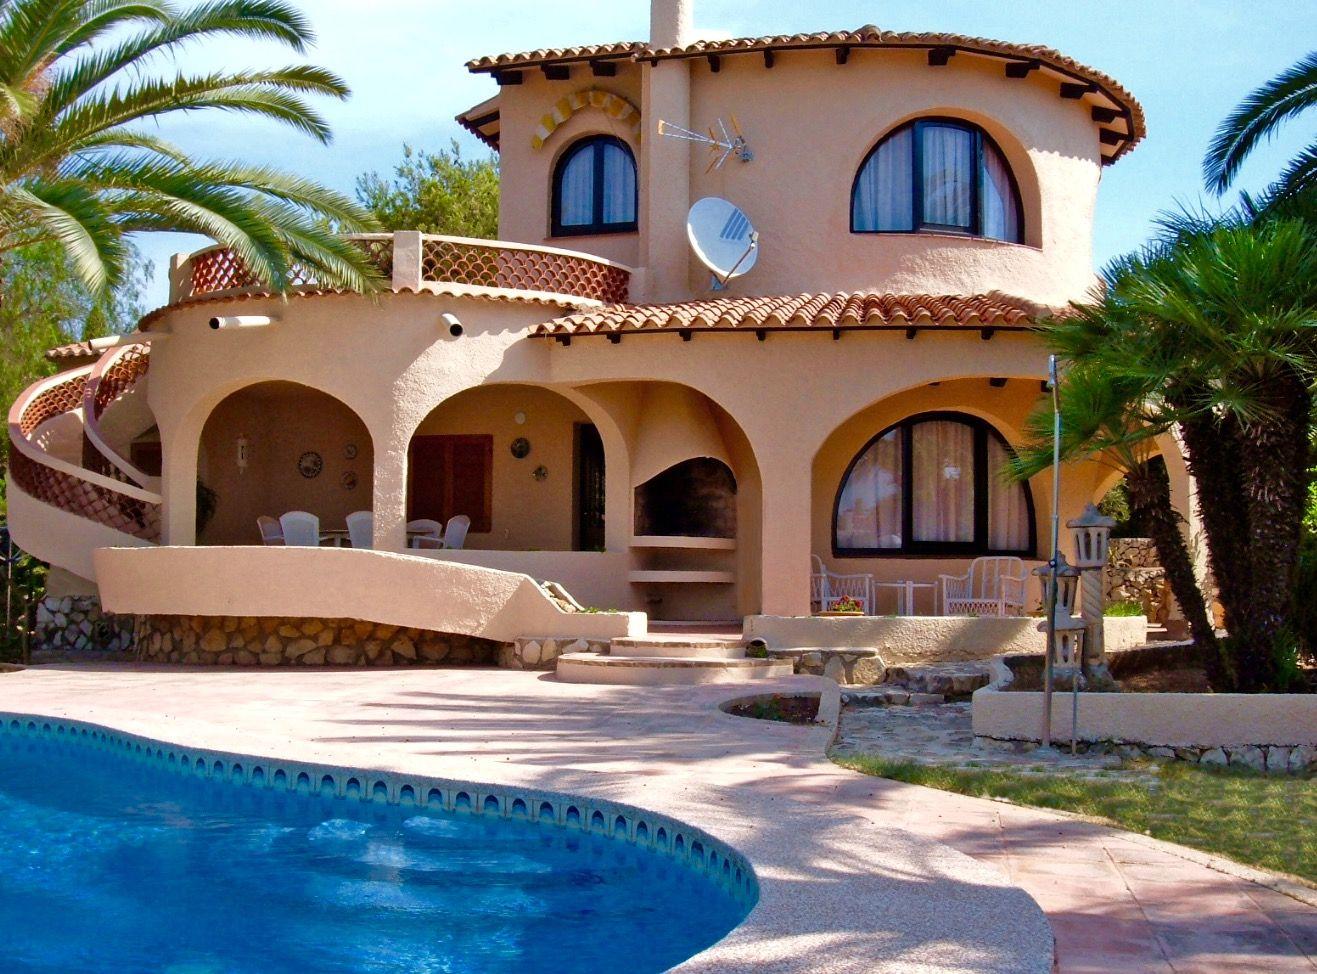 Adobe Greek Home - 8282c374d1b497ffff5886c94c1a0682_Amazing Adobe Greek Home - 8282c374d1b497ffff5886c94c1a0682  Graphic_503126.jpg